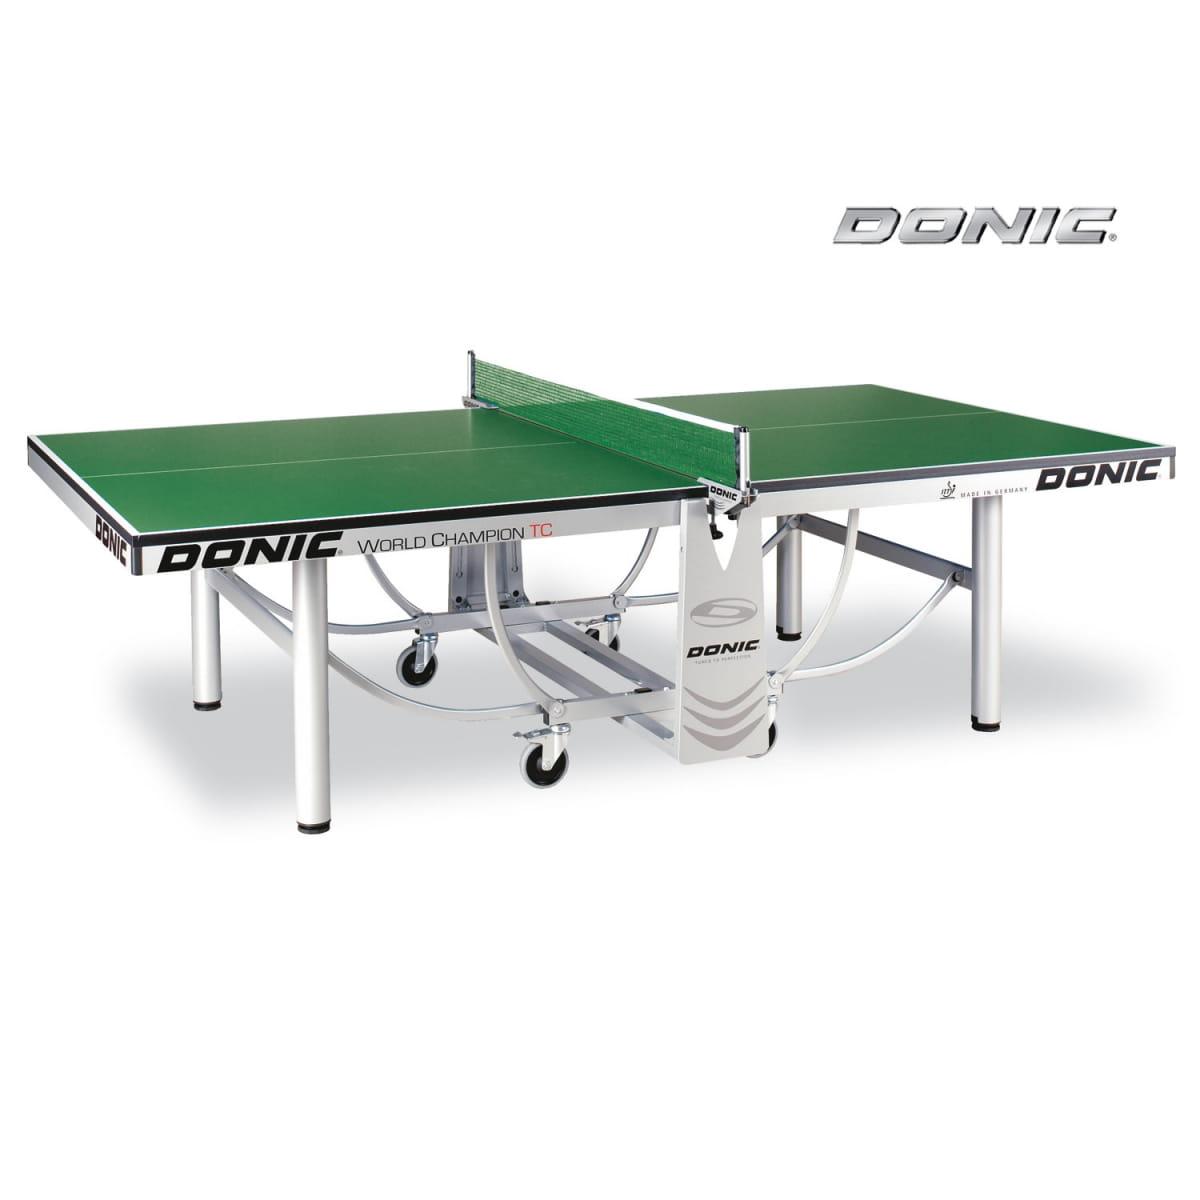 Антивандальный теннисный стол Donic 230236-G Outdoor Premium 10 мм - зеленый